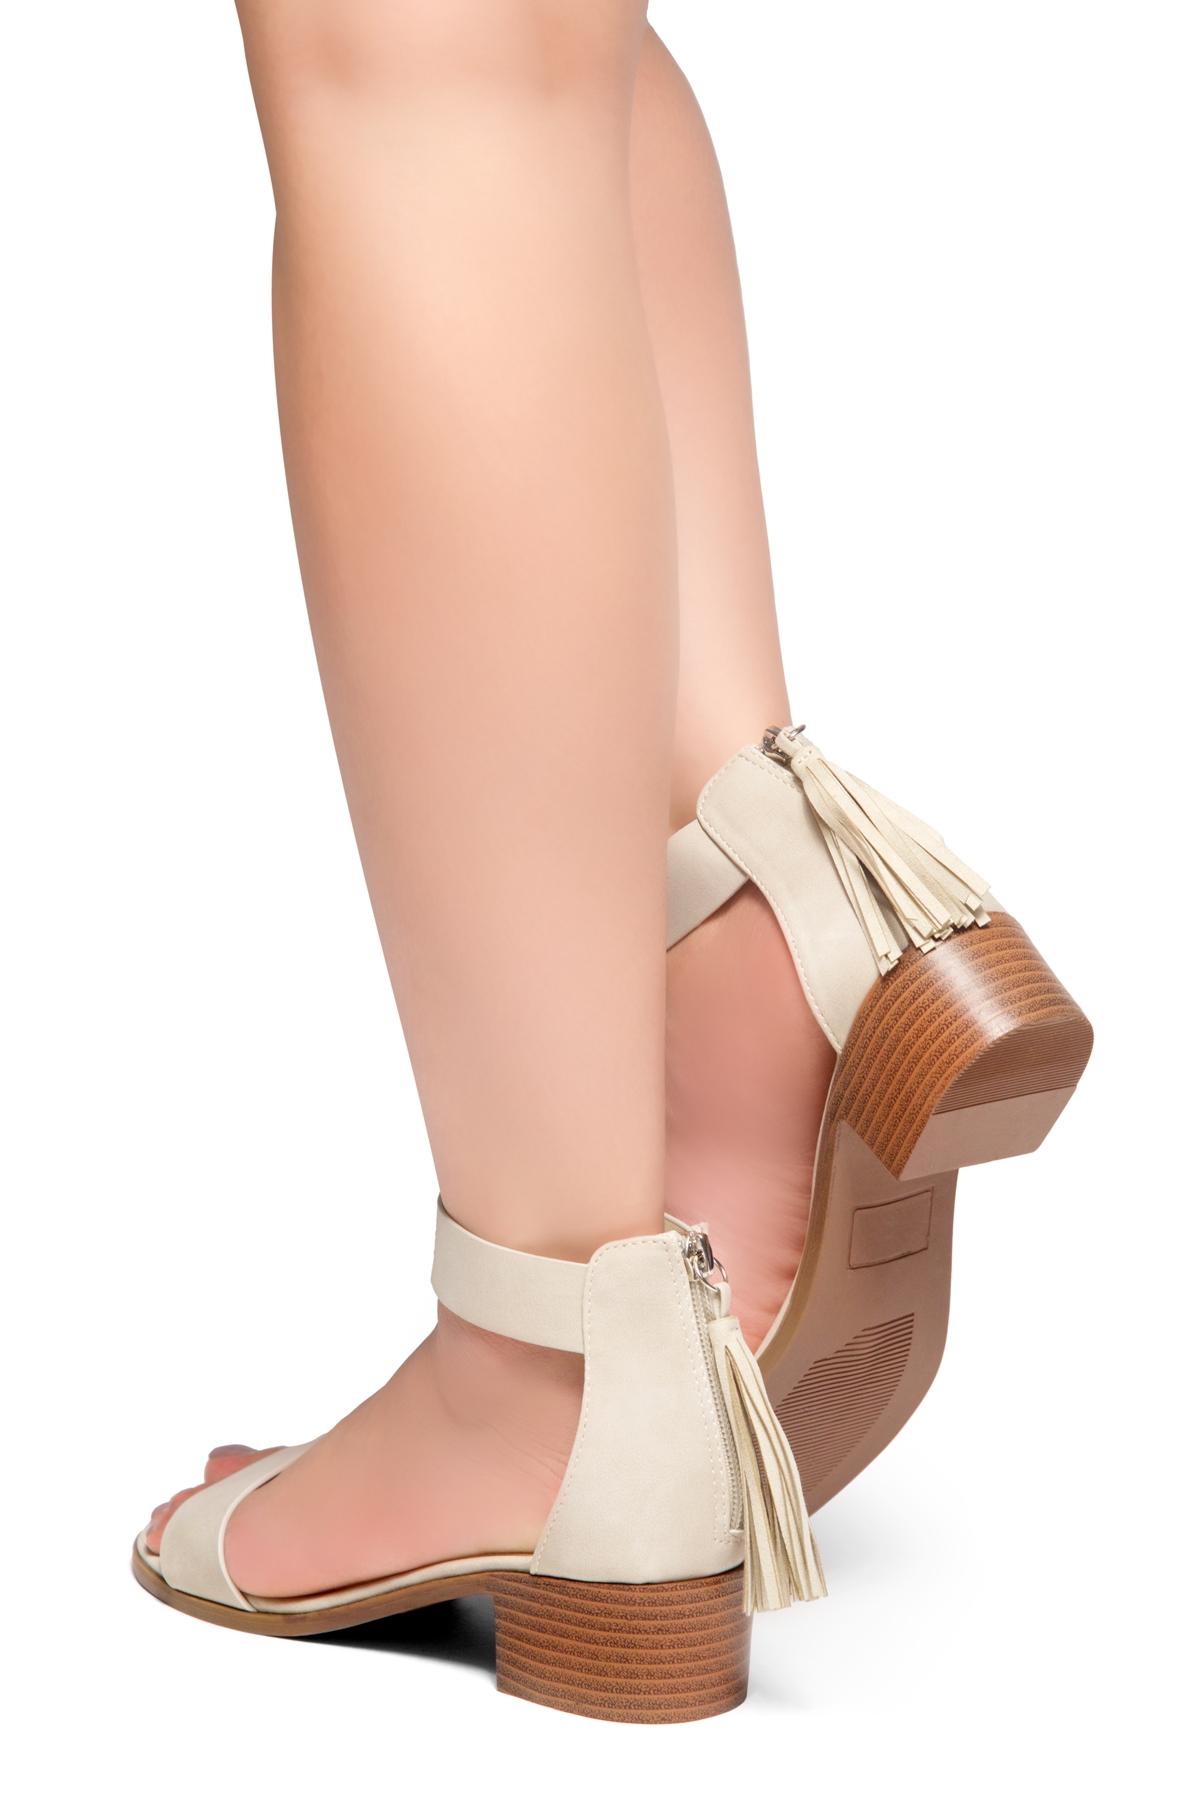 ece189b5187 HerStyle Bruefly- Low Block Heel Back Zipper with Tassels Sandal (Khaki)